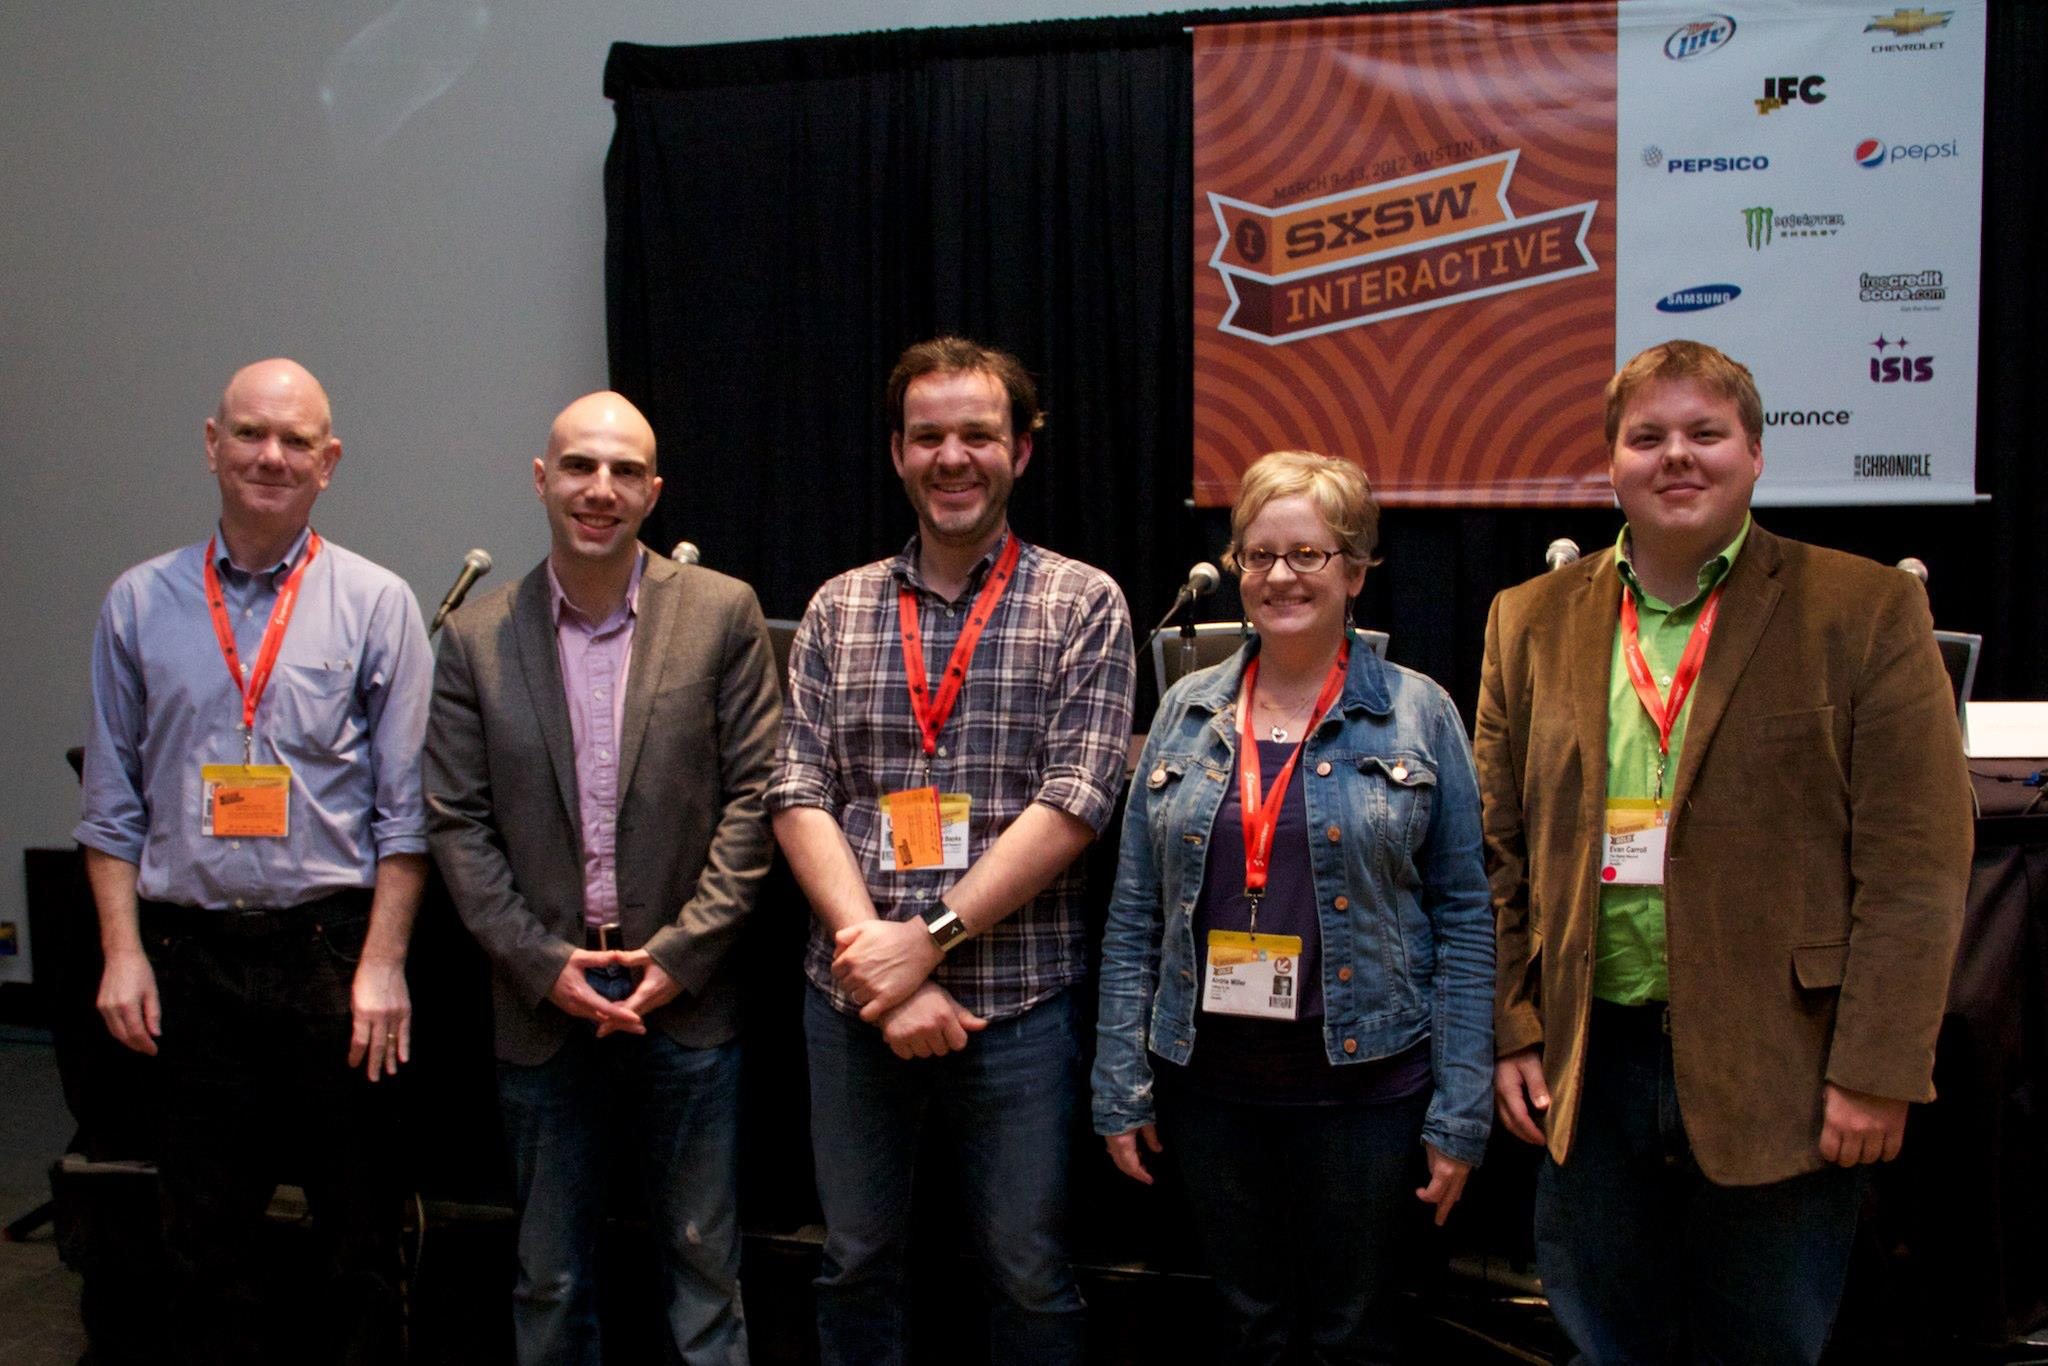 SXSW 2012 Digital Immortals: Preserving Life Beyond Death